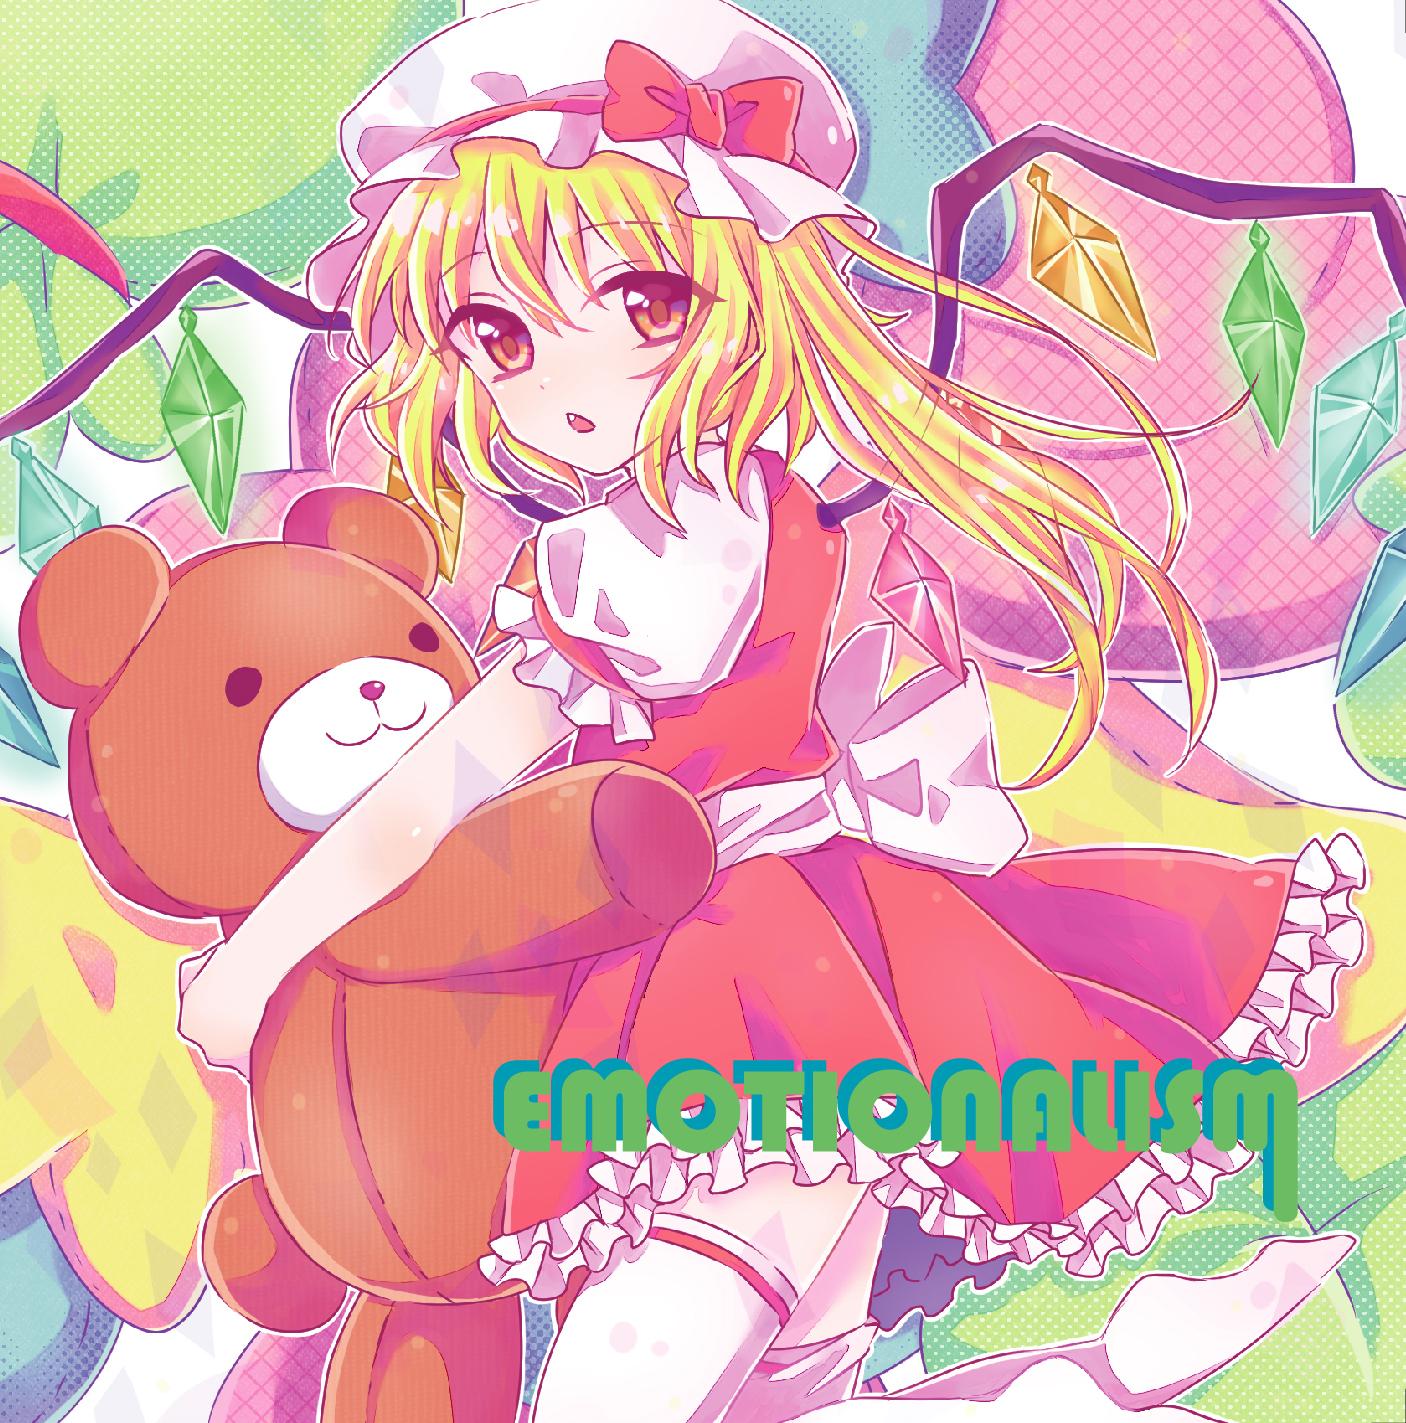 http://murderground.sakura.ne.jp/img/mgcd004_jacket.jpg